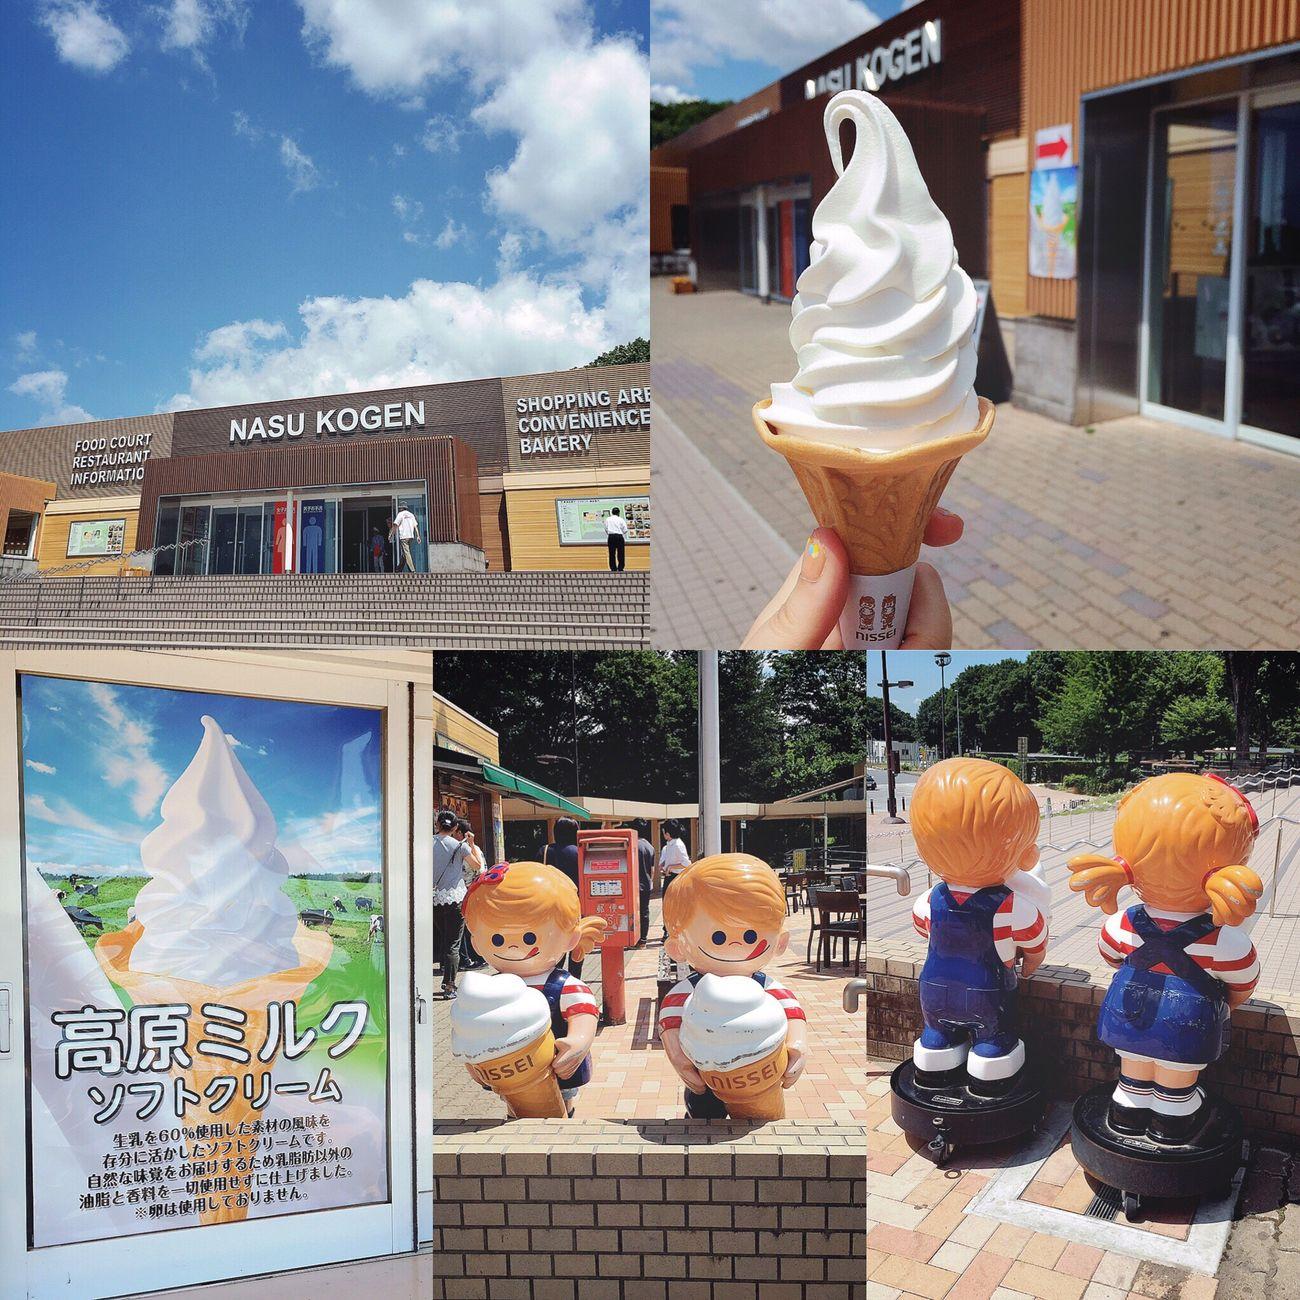 秋田山形日記 DAY 1 那須高原SA ふたつめのSAは【那須高原SA】です⛽️🚗💨 ここでも、トイレ休憩&ぷらりおみやげ屋さん。 そして、那須高原で食べたかったソフトクリーム!🍦🐄 濃厚な牧場味の『高原ミルクソフトクリーム』を青空とともに☀️📱🍦✨ 空の下で食べたかったけど、暑さですぐに溶けていたので、急いで車へ🚘🏃🏻💨 そのまま次の場所へ移動しましょう🚙💨💨 つづく。 那須高原 那須高原SA ソフトクリーム 高原ミルクソフトクリーム 秋田山形日記 秋田 山形 旅行記 旅行 旅 青空